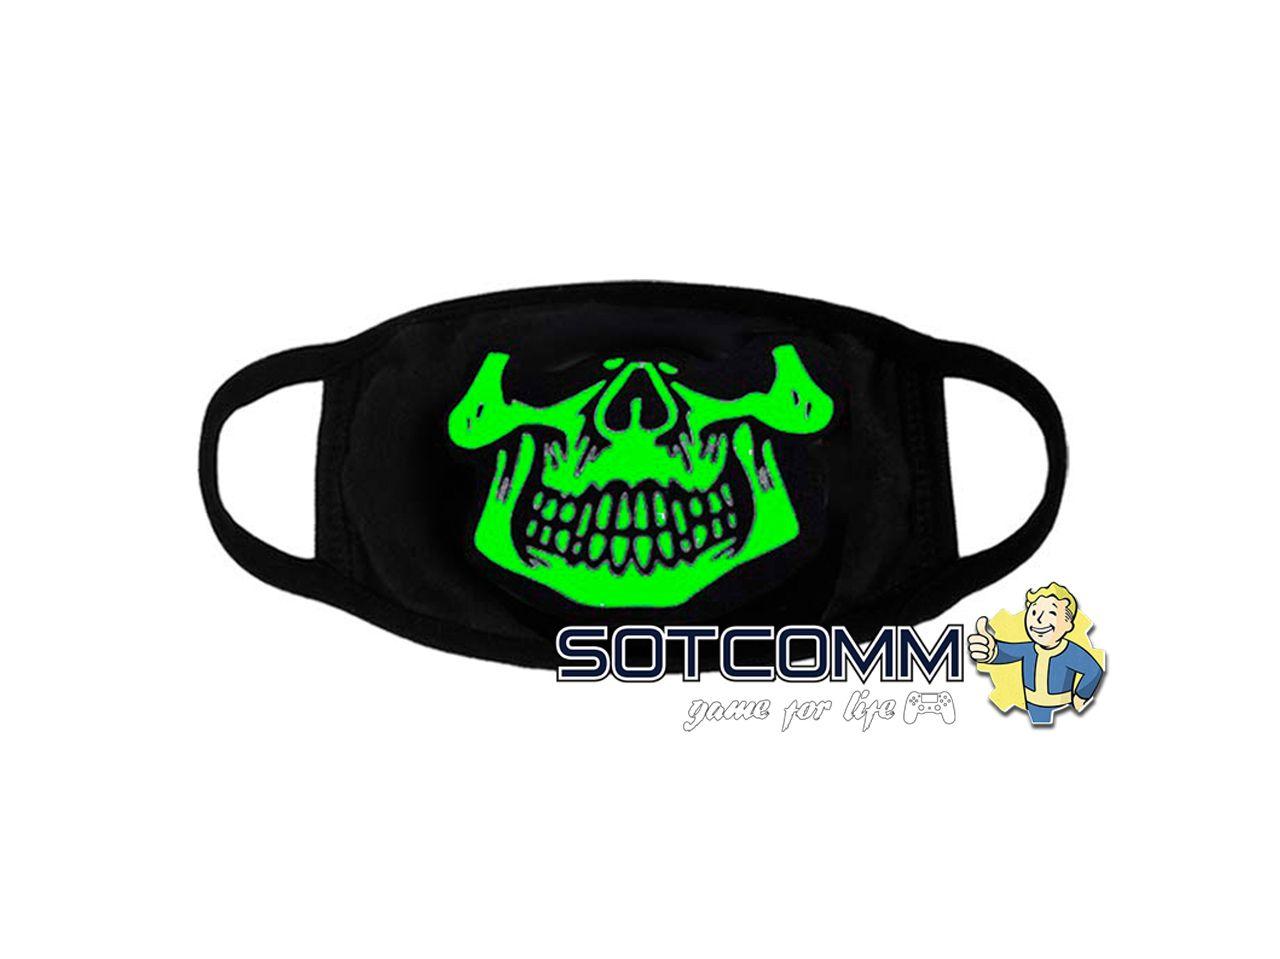 Хайповые маски для лица светящиеся с принтом